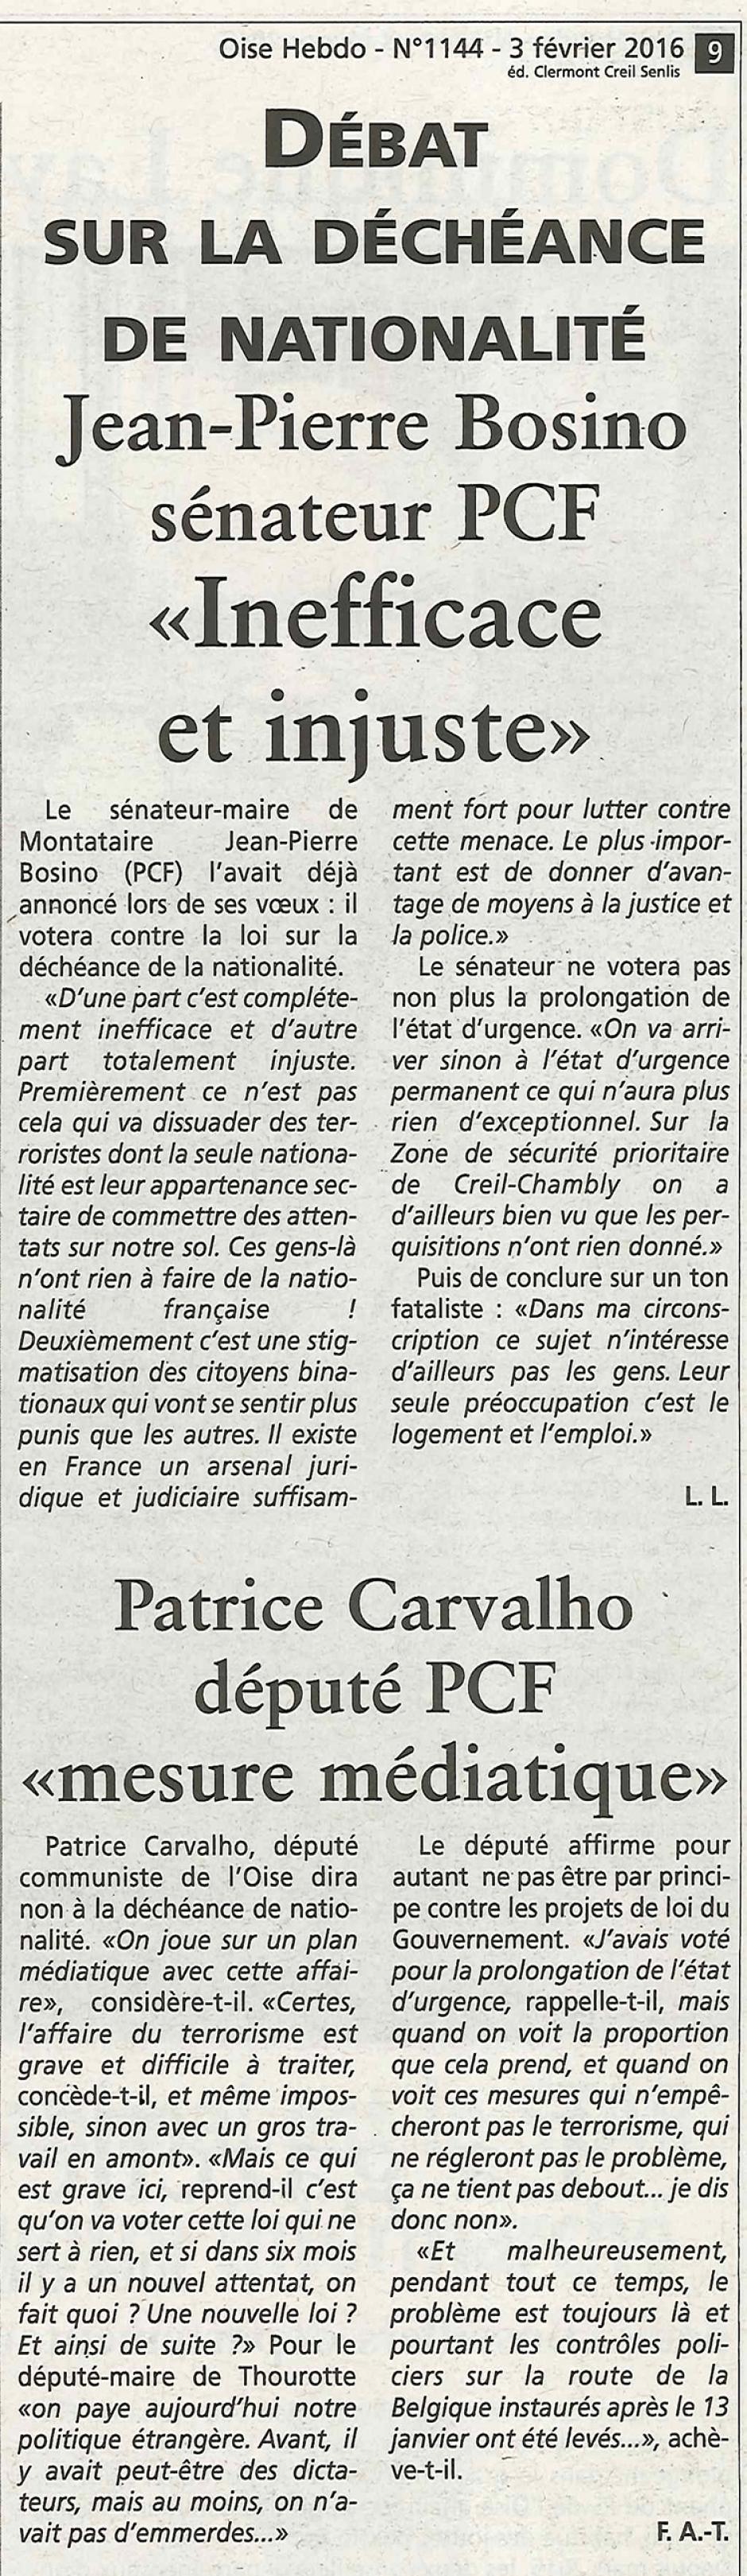 20160203-OH-Oise-Débat sur la déchéance de nationalité : « Inefficace et injuste » pour Jean-Pierre Bosino, « mesure médiatique » pour Patrice Carvalho